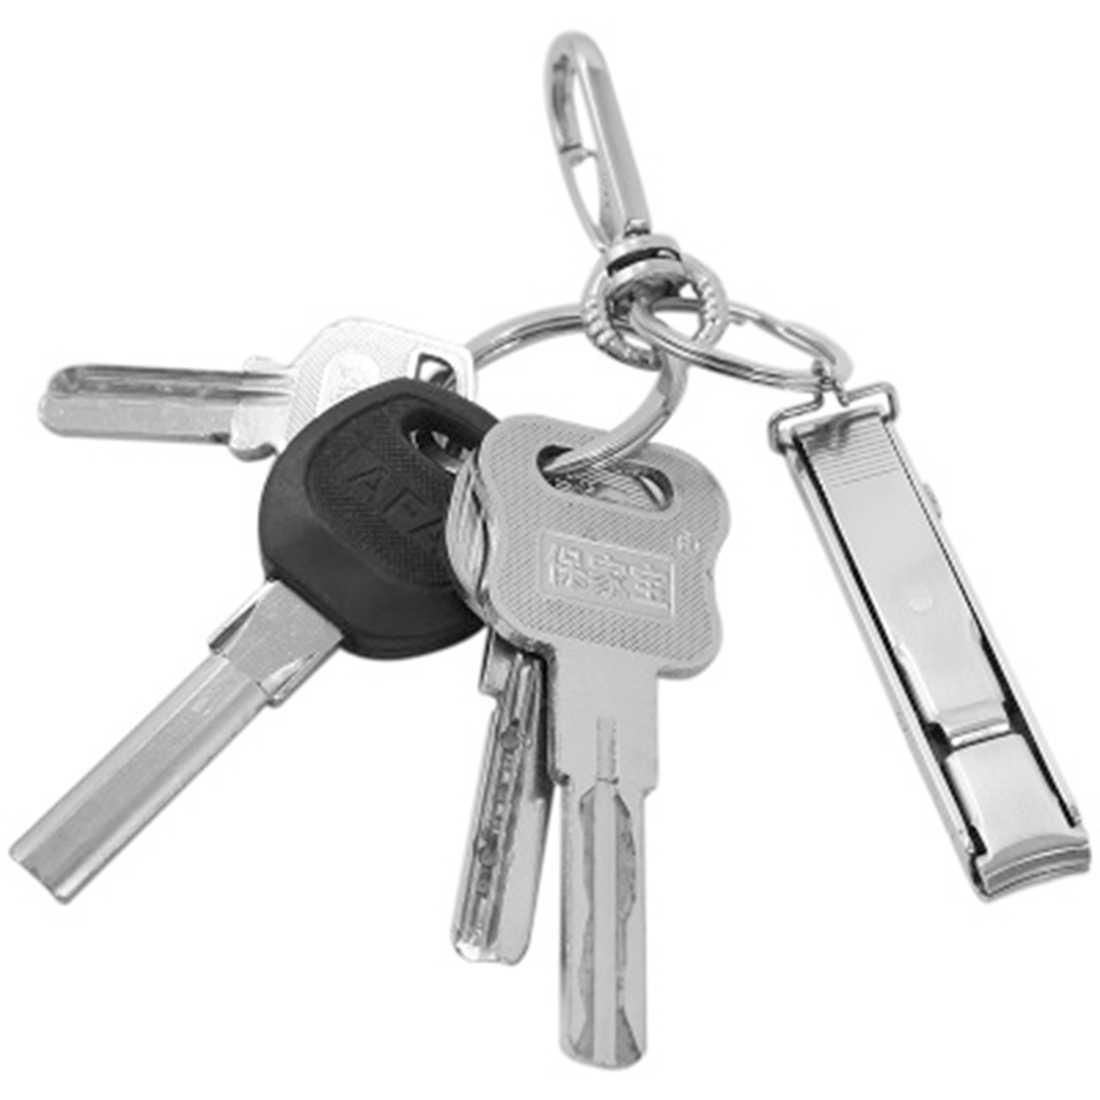 1 قطعة جديد وصول الترا سليم الصغيرة طوي المقاوم للصدأ مسمار كليبرز المفاتيح EDC جيب أداة